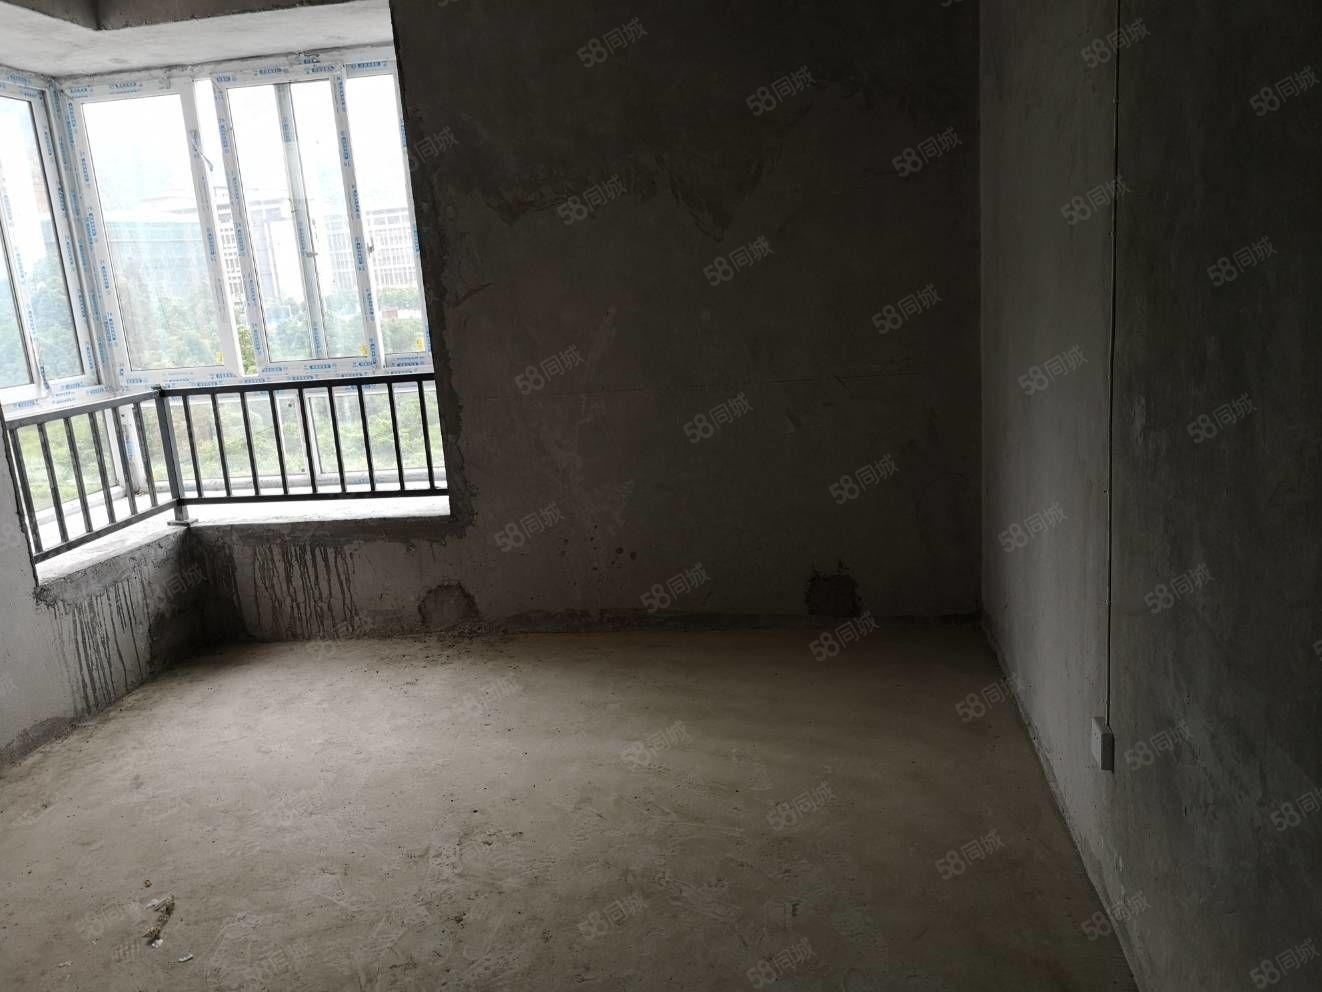 新浦医学院门口二号还房小区两室一厅现房出售